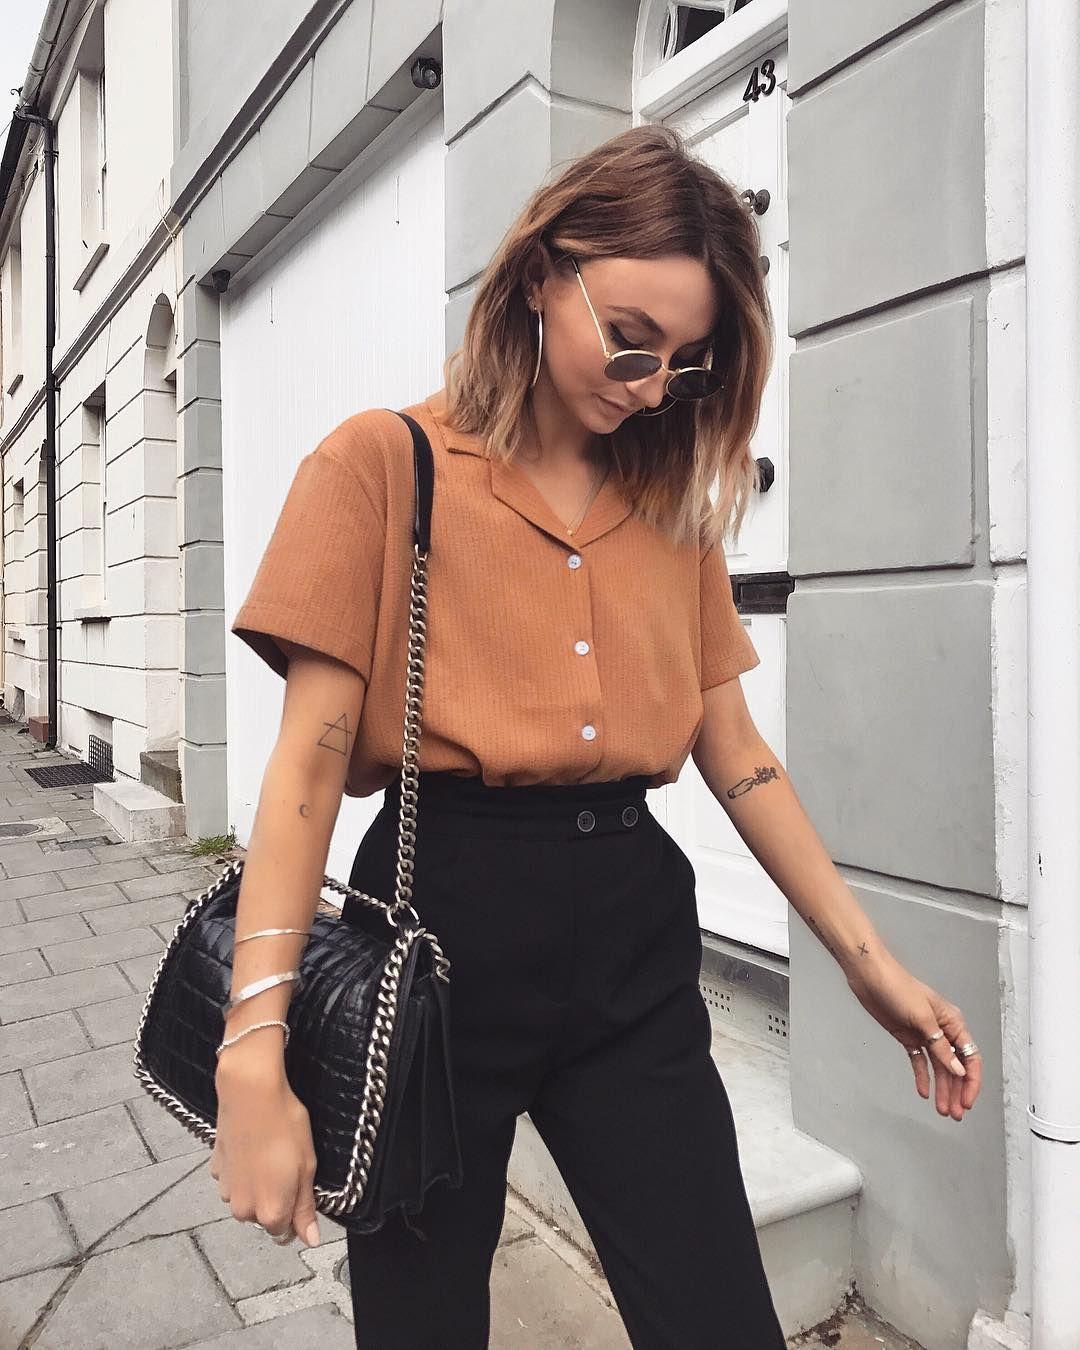 22 süße Sommer-Outfit-Ideen, die Sie gleich ausprobieren sollten - o u t f i t... - Welcome to Blog